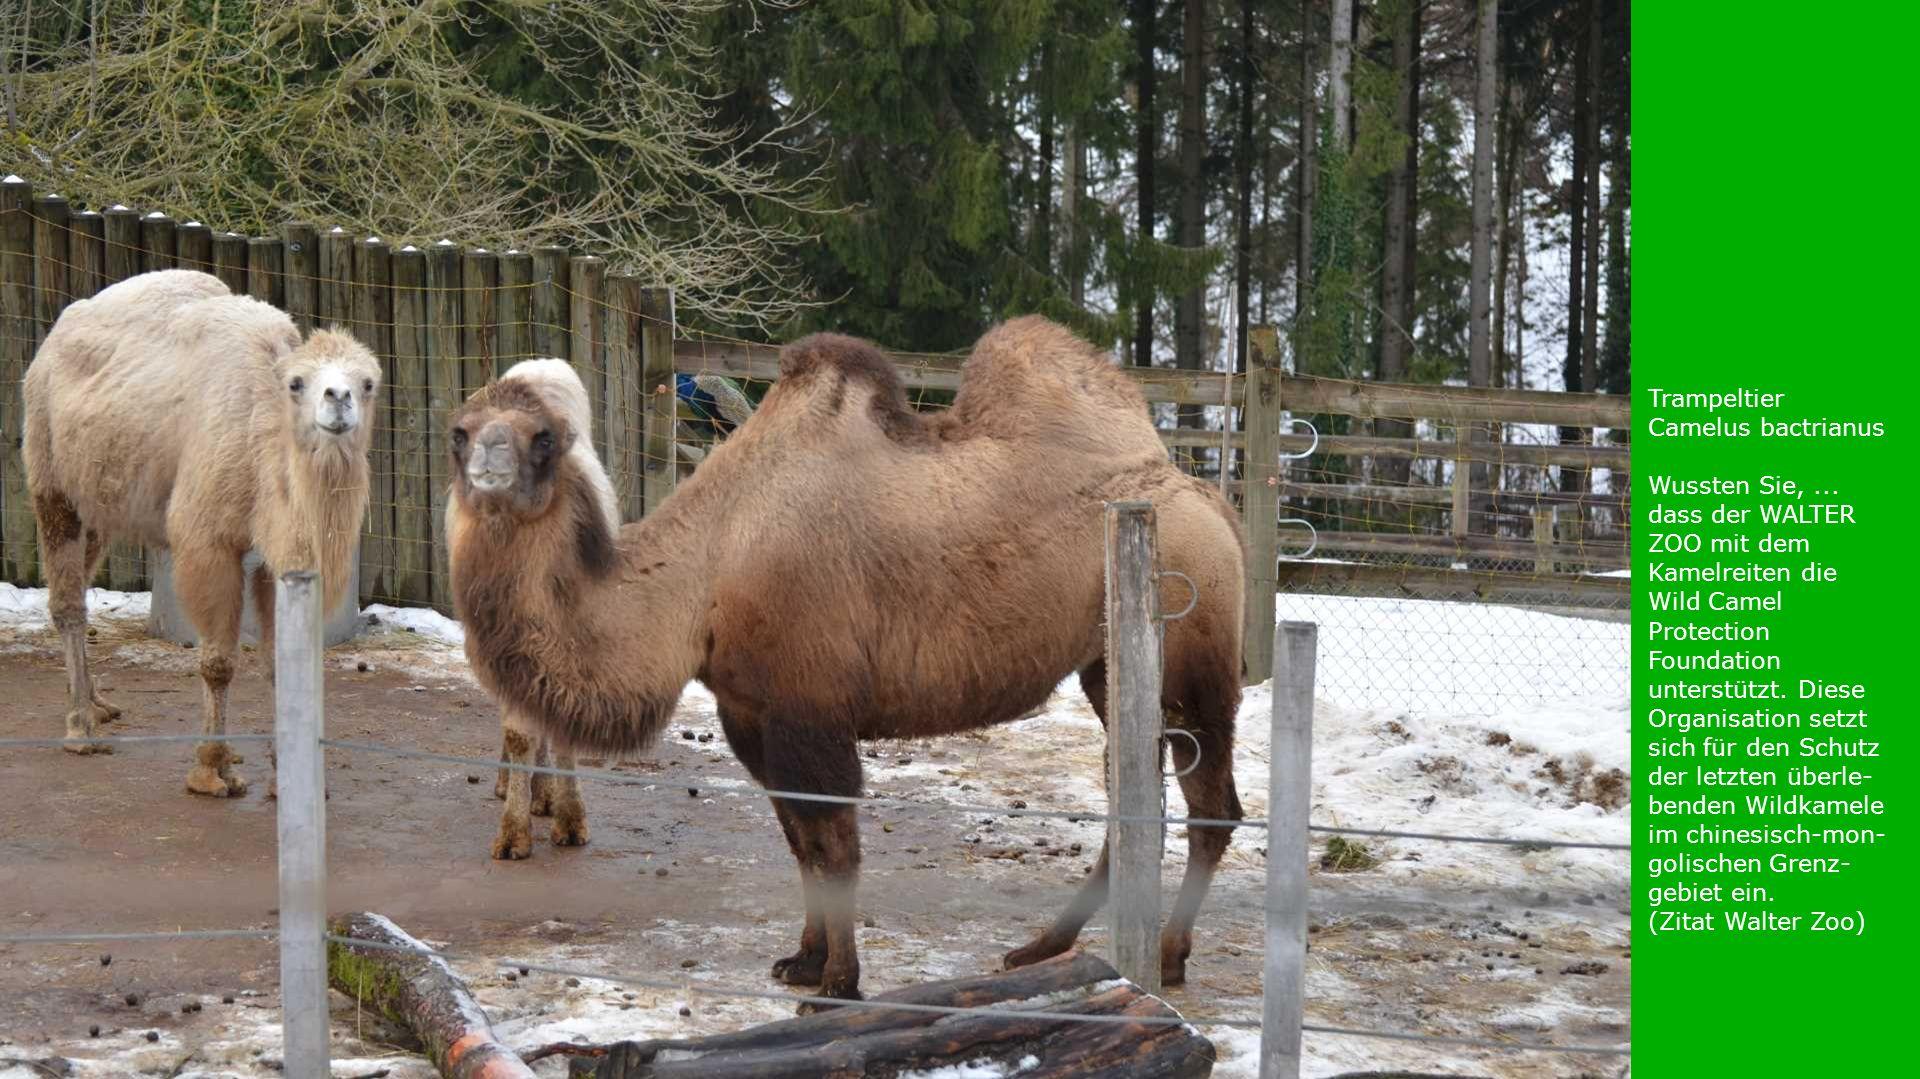 Trampeltier Camelus bactrianus Wussten Sie,... dass der WALTER ZOO mit dem Kamelreiten die Wild Camel Protection Foundation unterstützt. Diese Organis